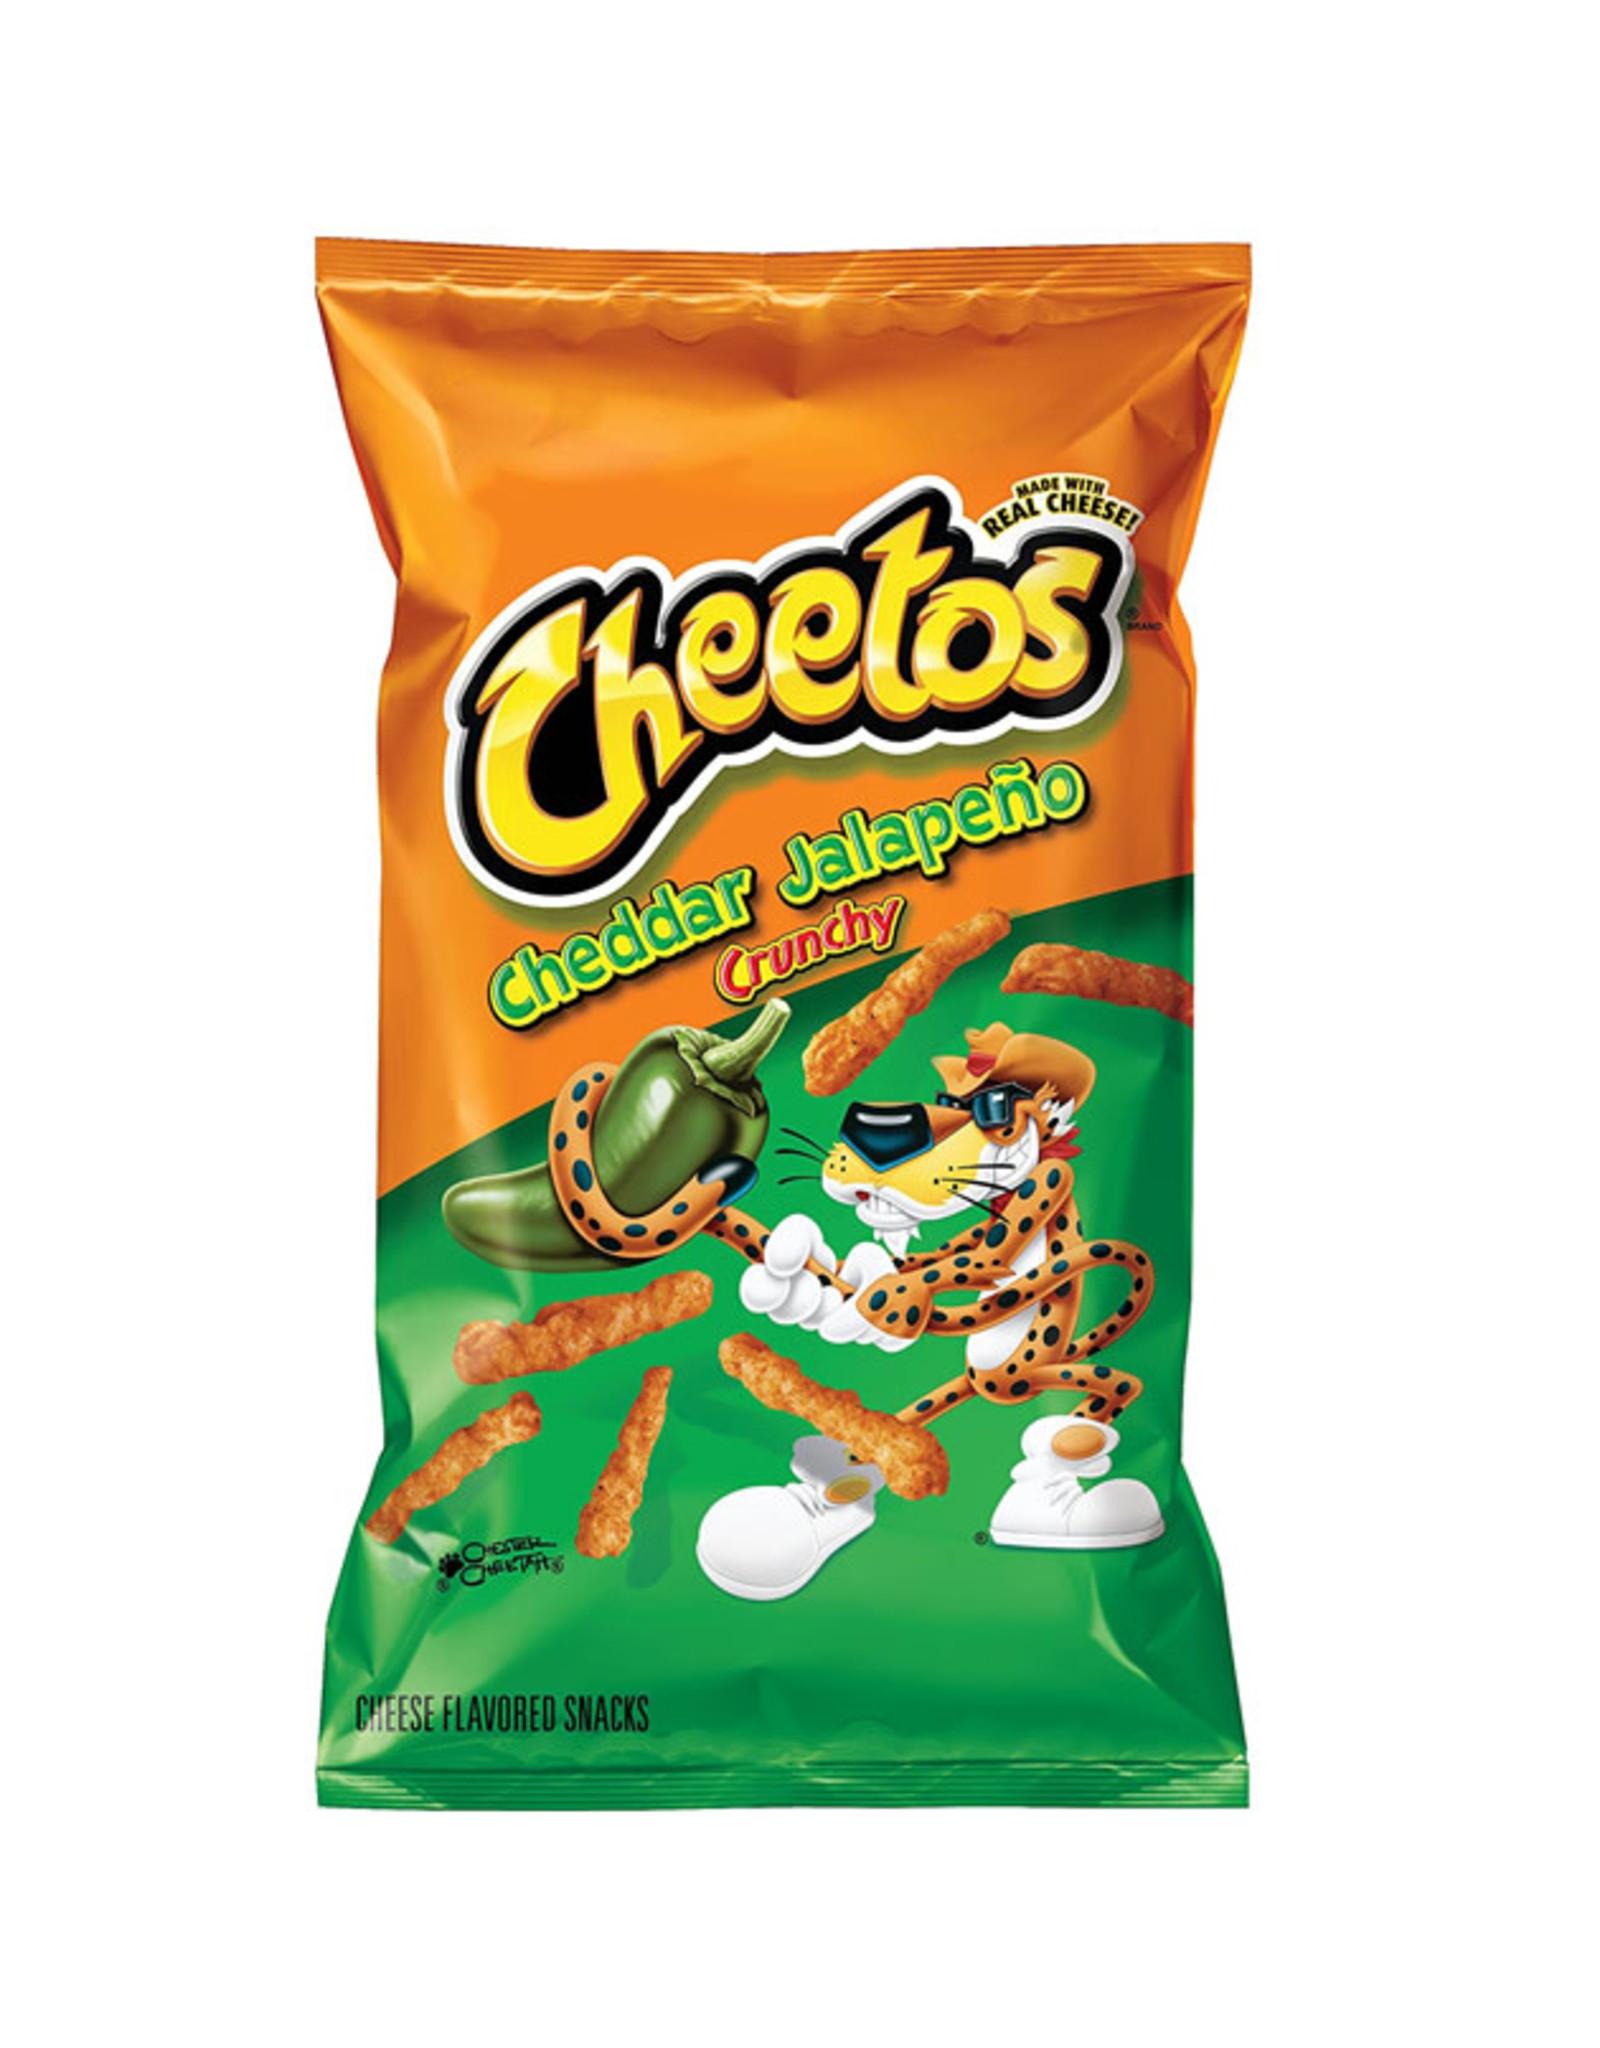 Cheetos Crunchy Cheddar Jalapeño - Large - 226g